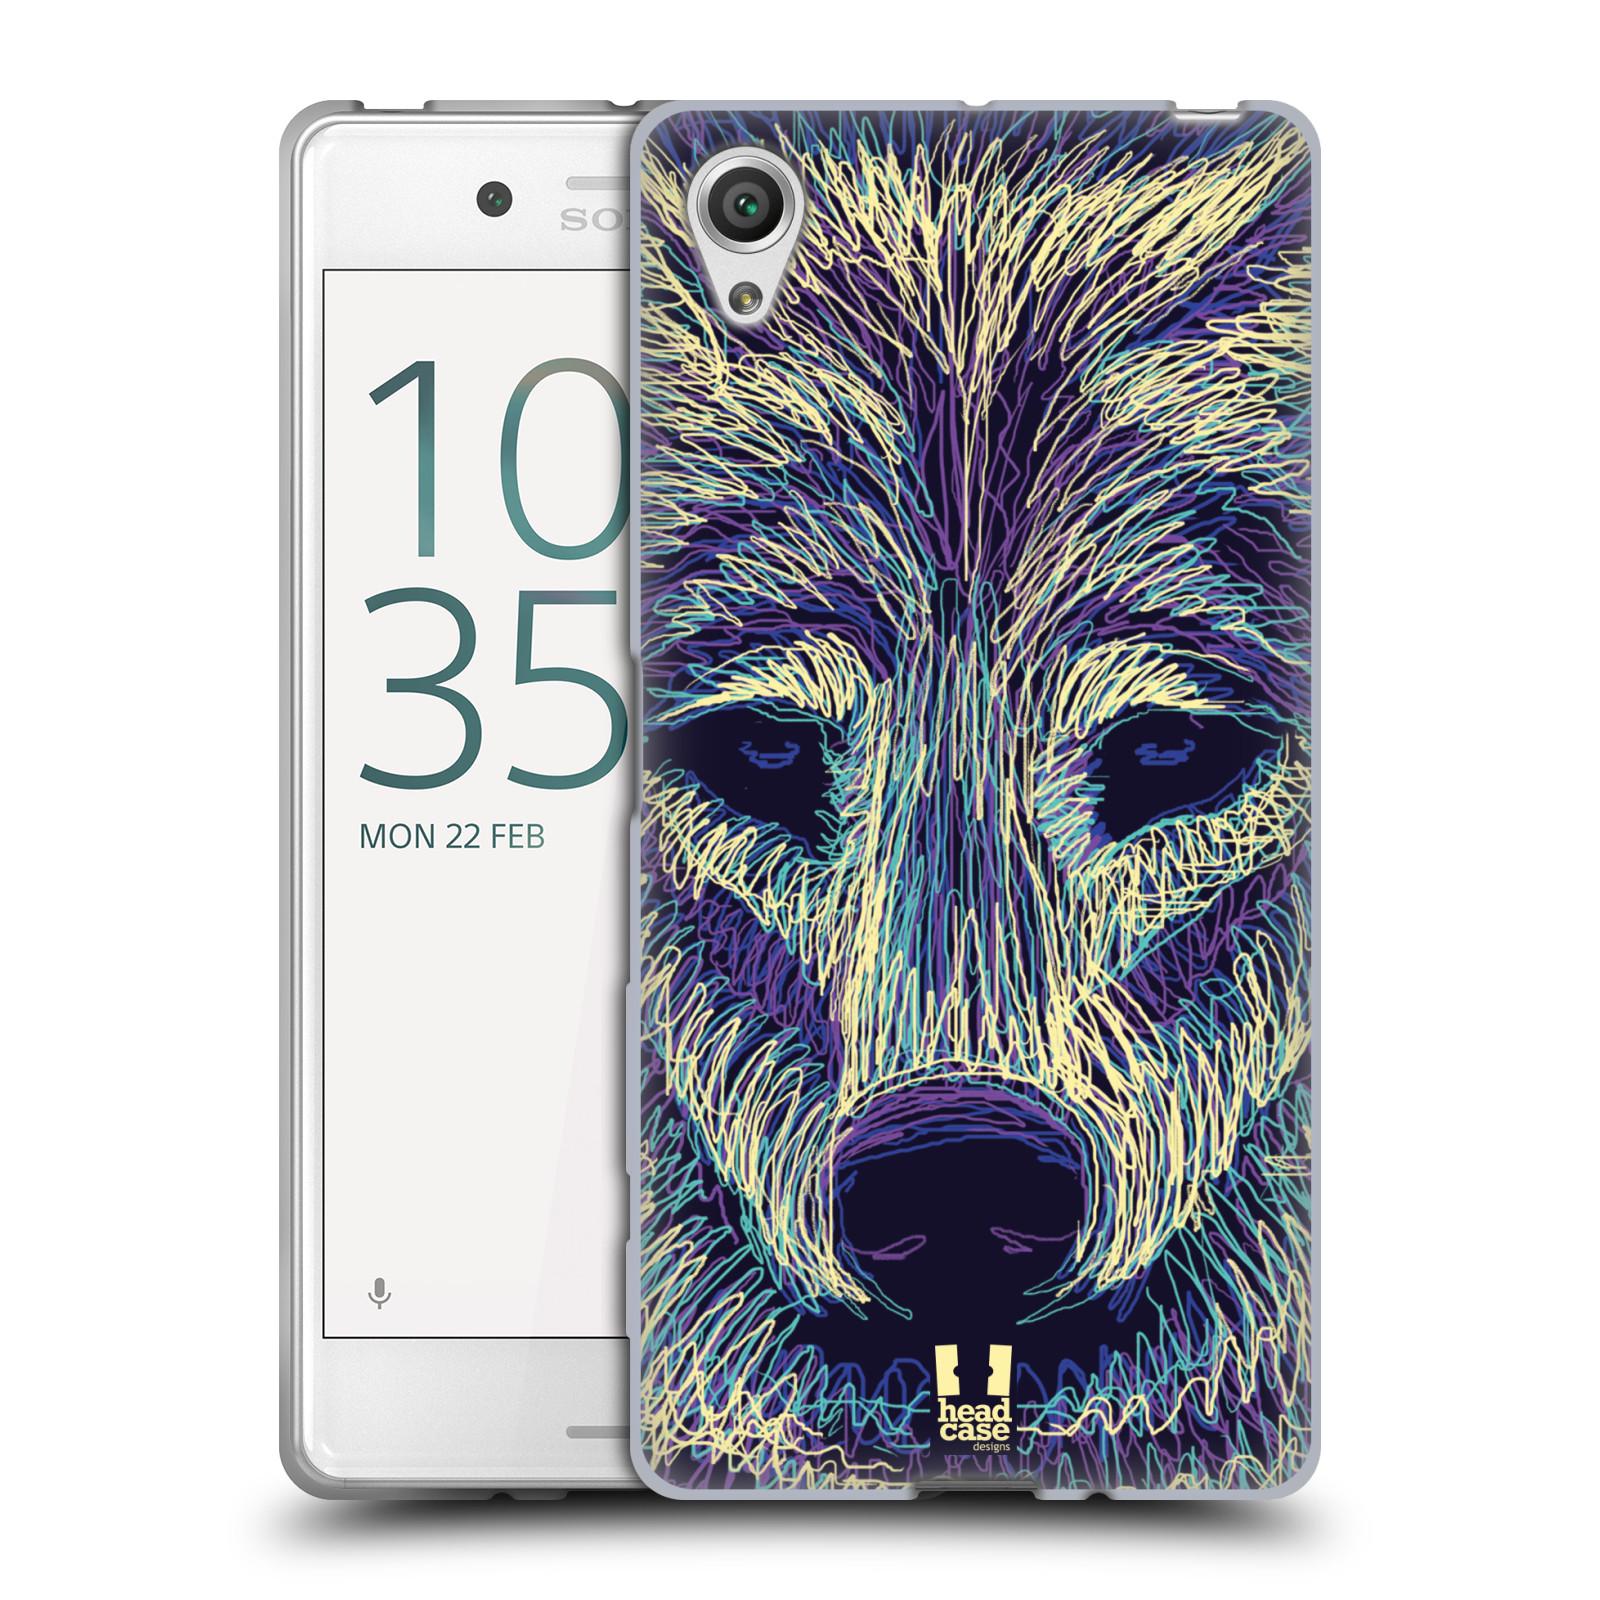 HEAD CASE silikonový obal na mobil Sony Xperia X / X DUAL vzor zvíře čmáranice vlk